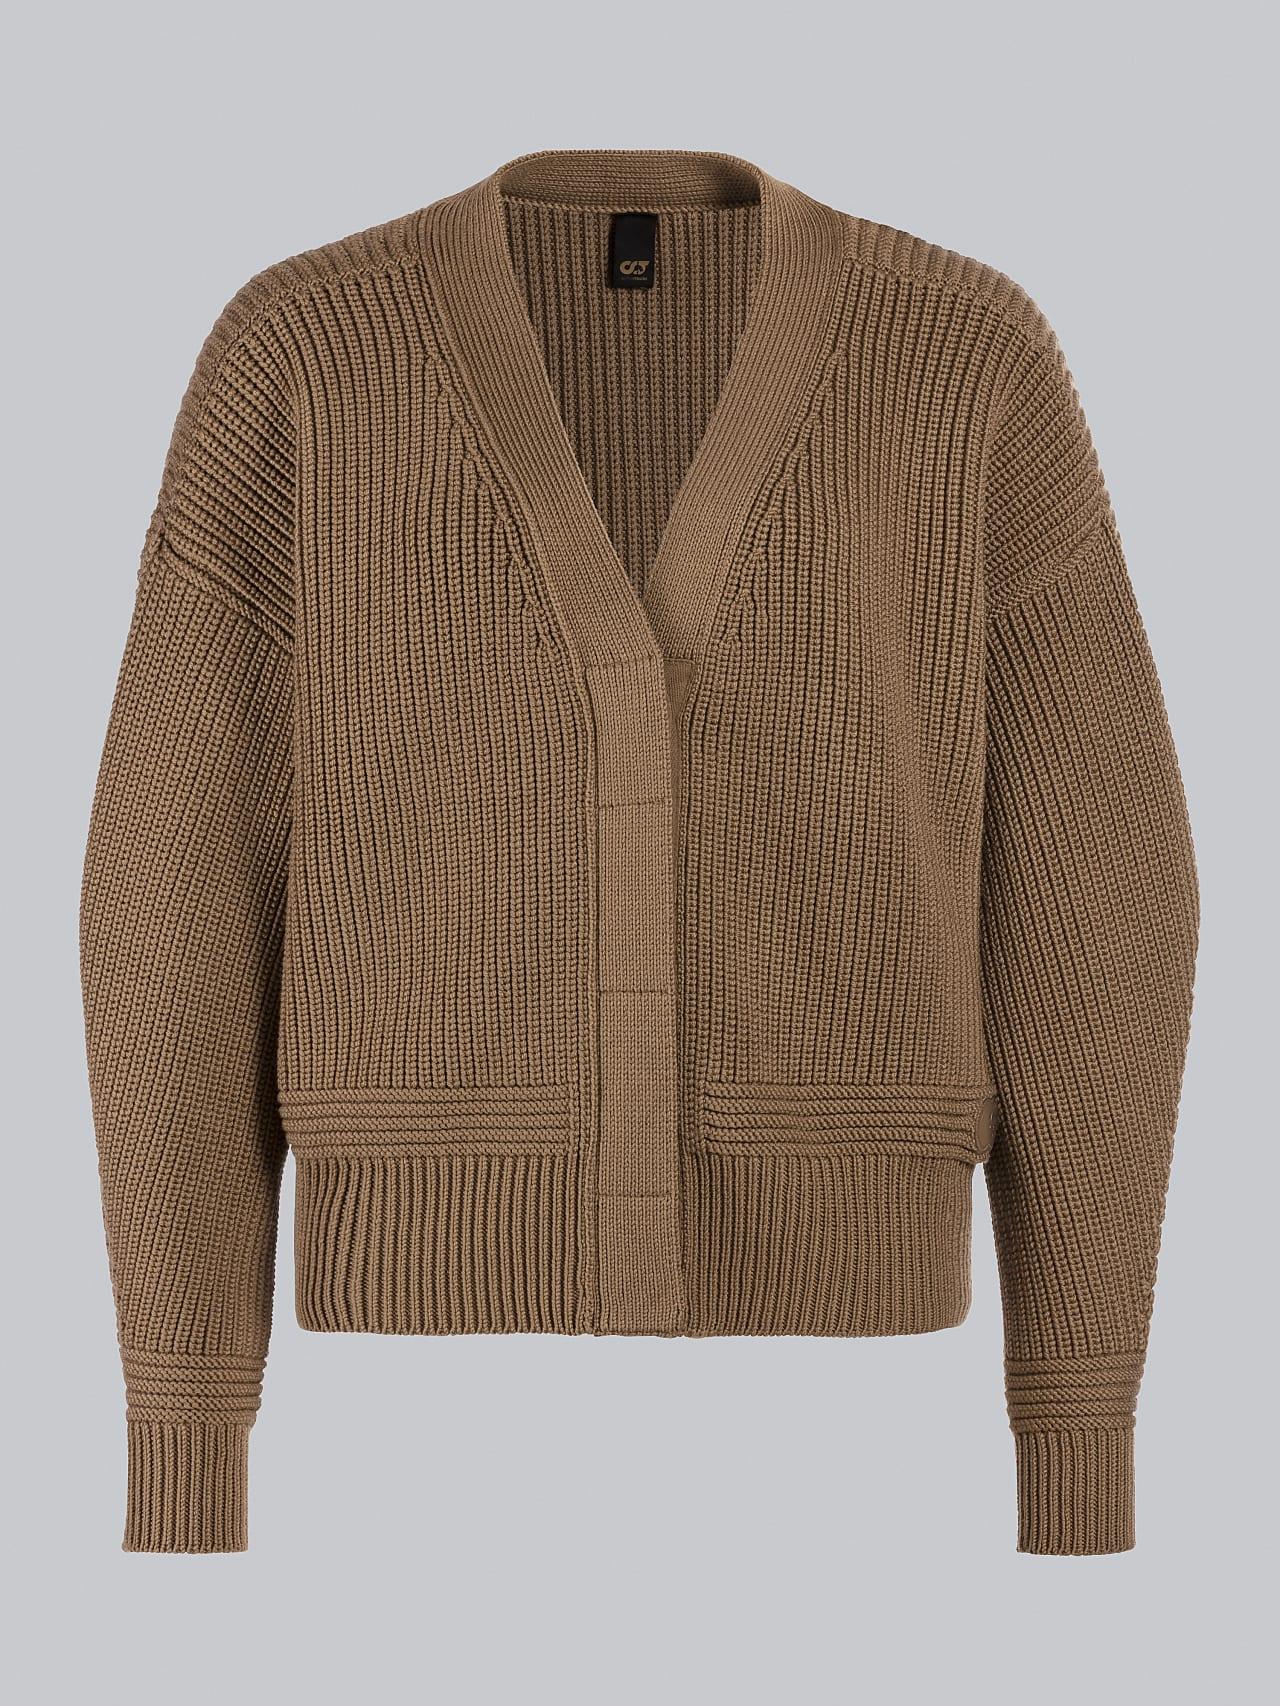 FREDA V1.Y5.02 Chunky Merino Wool Cardigan gold Back Alpha Tauri